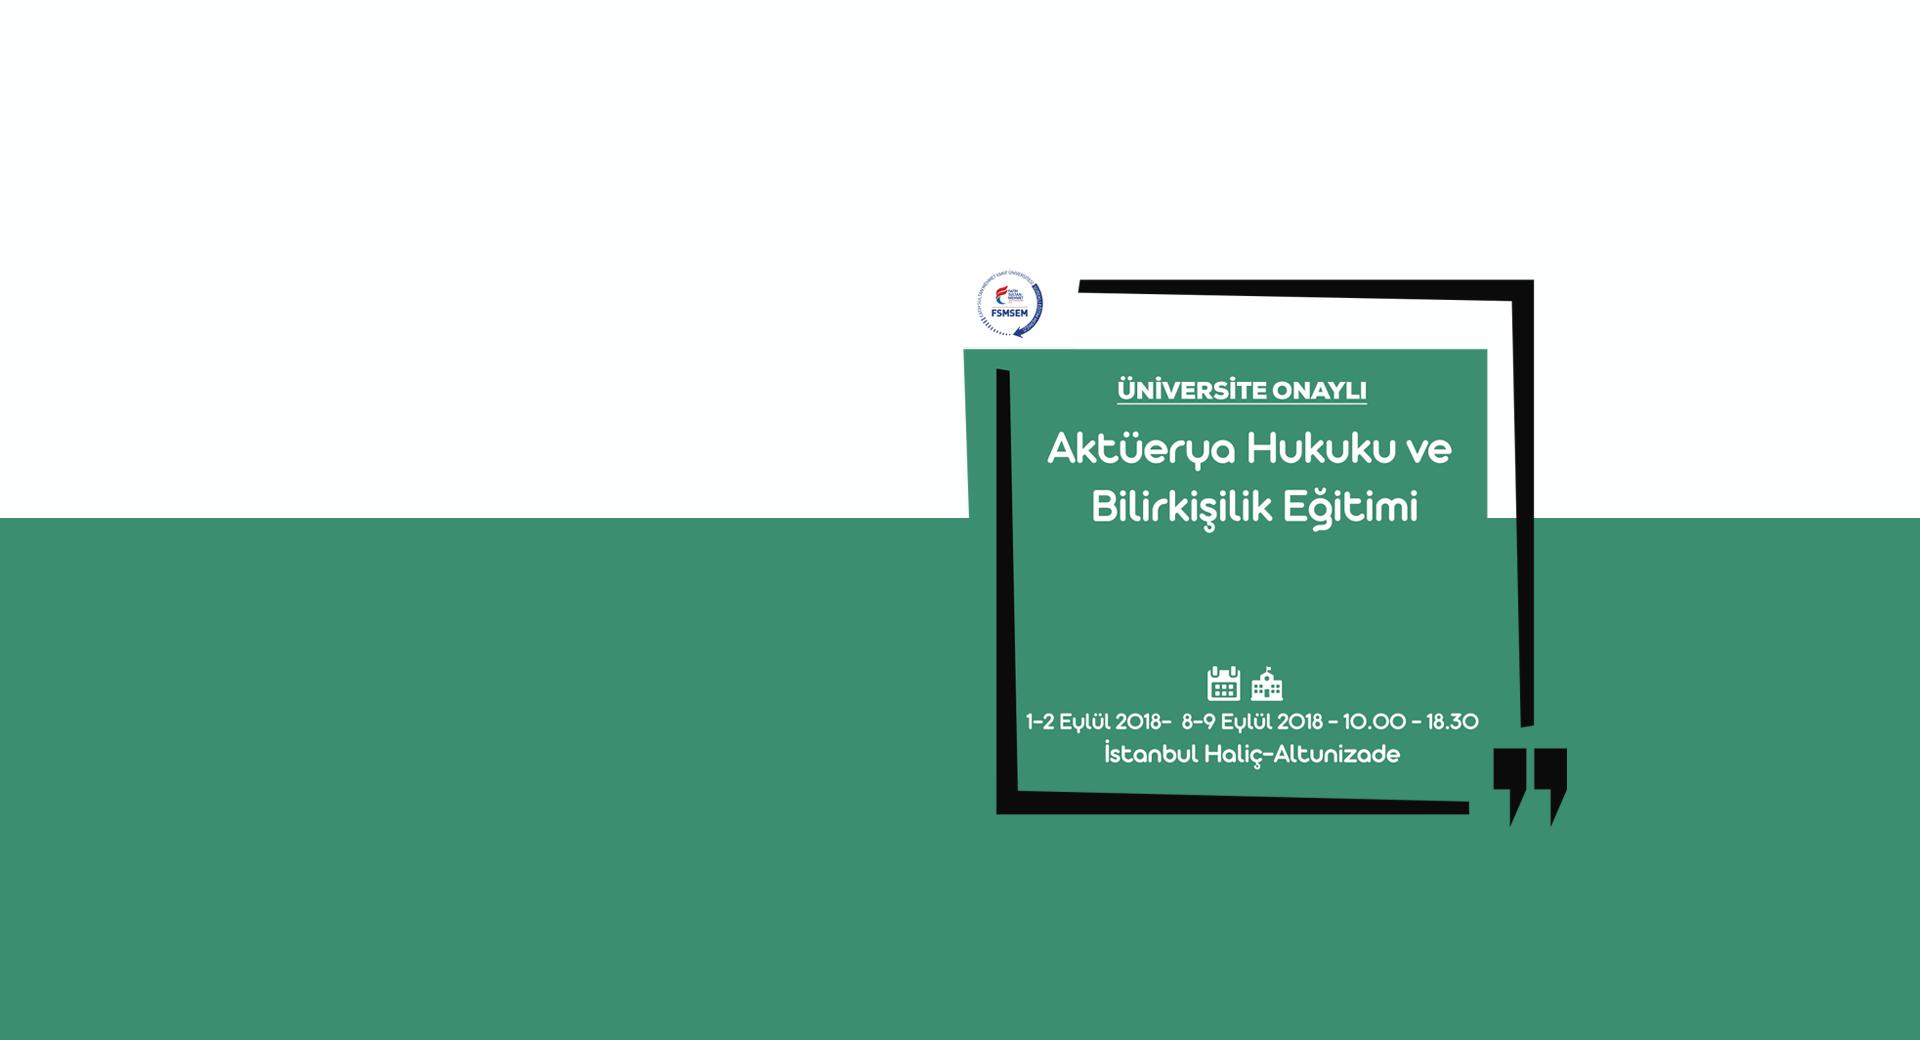 slider-1-6 avukatlık akademisi Anasayfa slider 1 6